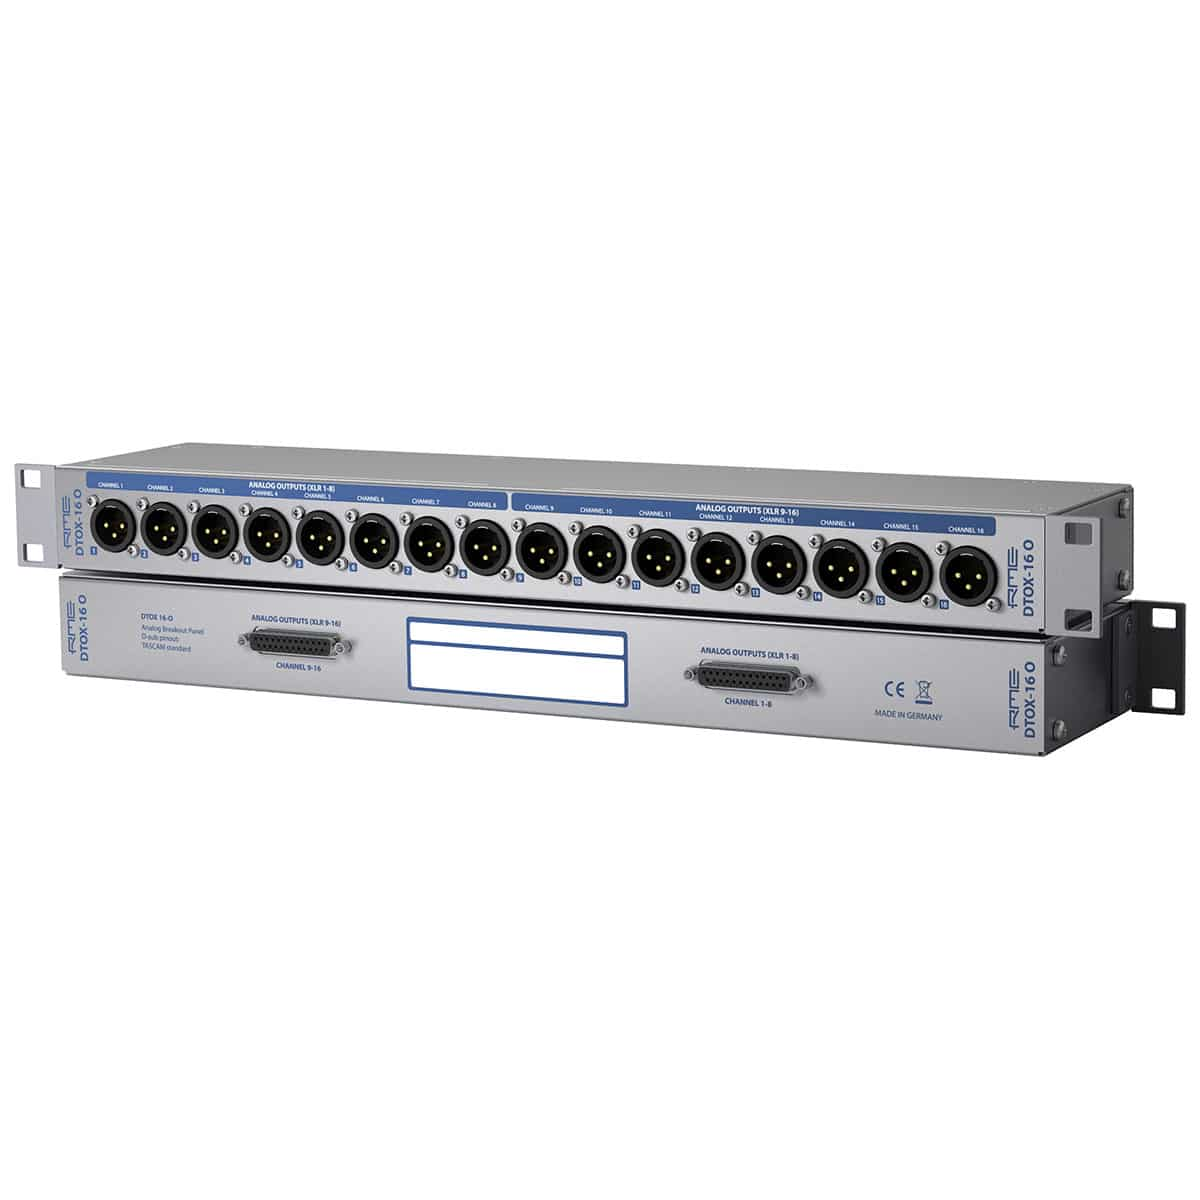 RME DTOX 16 O 01 Patch Bay, Pro Audio, Cavi e Cablaggio